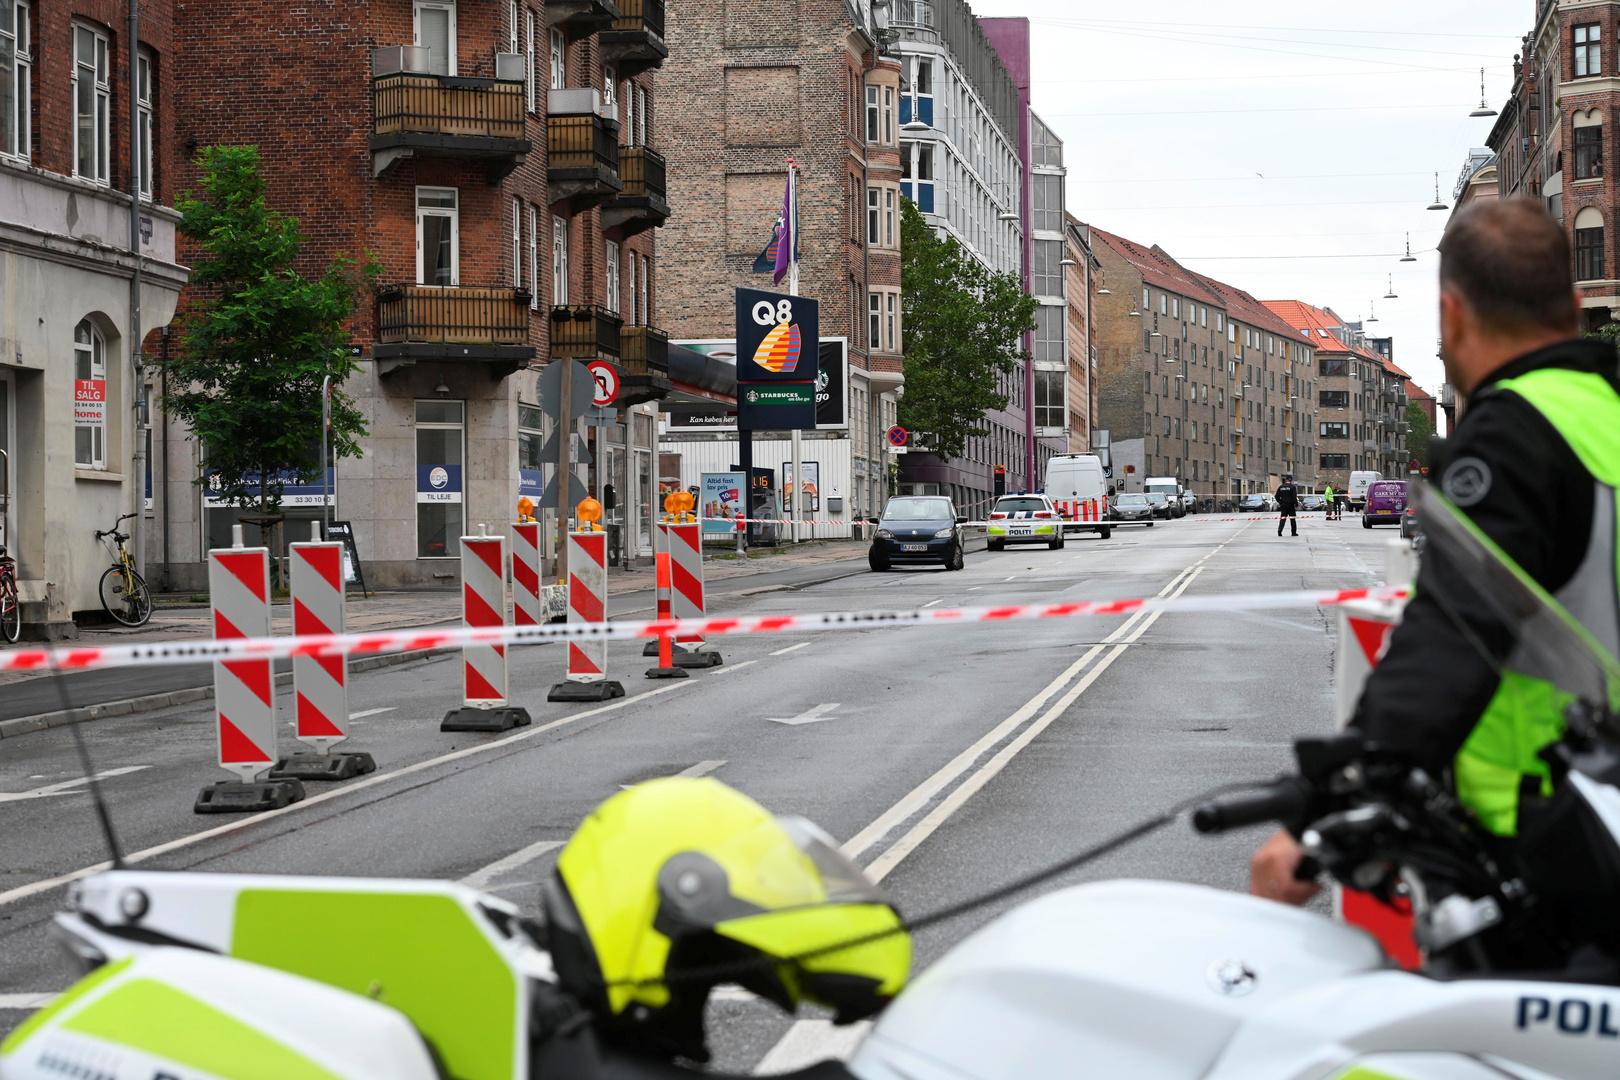 شرطي دنماركي في العاصمة كوبنهاغن - أرشيف